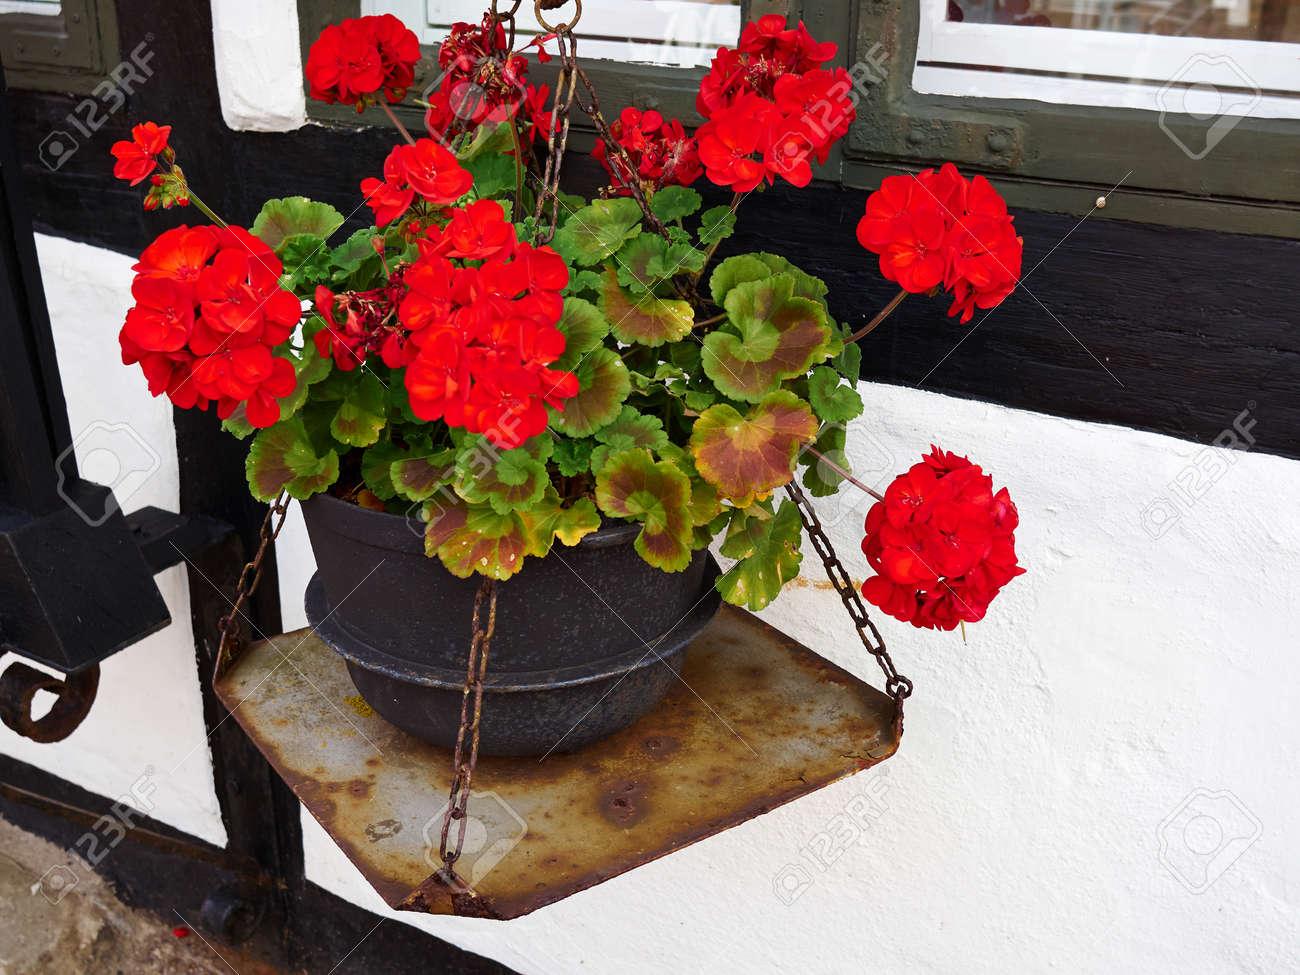 Schone Bluhende Bunte Blumen Durch Ein Fenster Klassische Typische